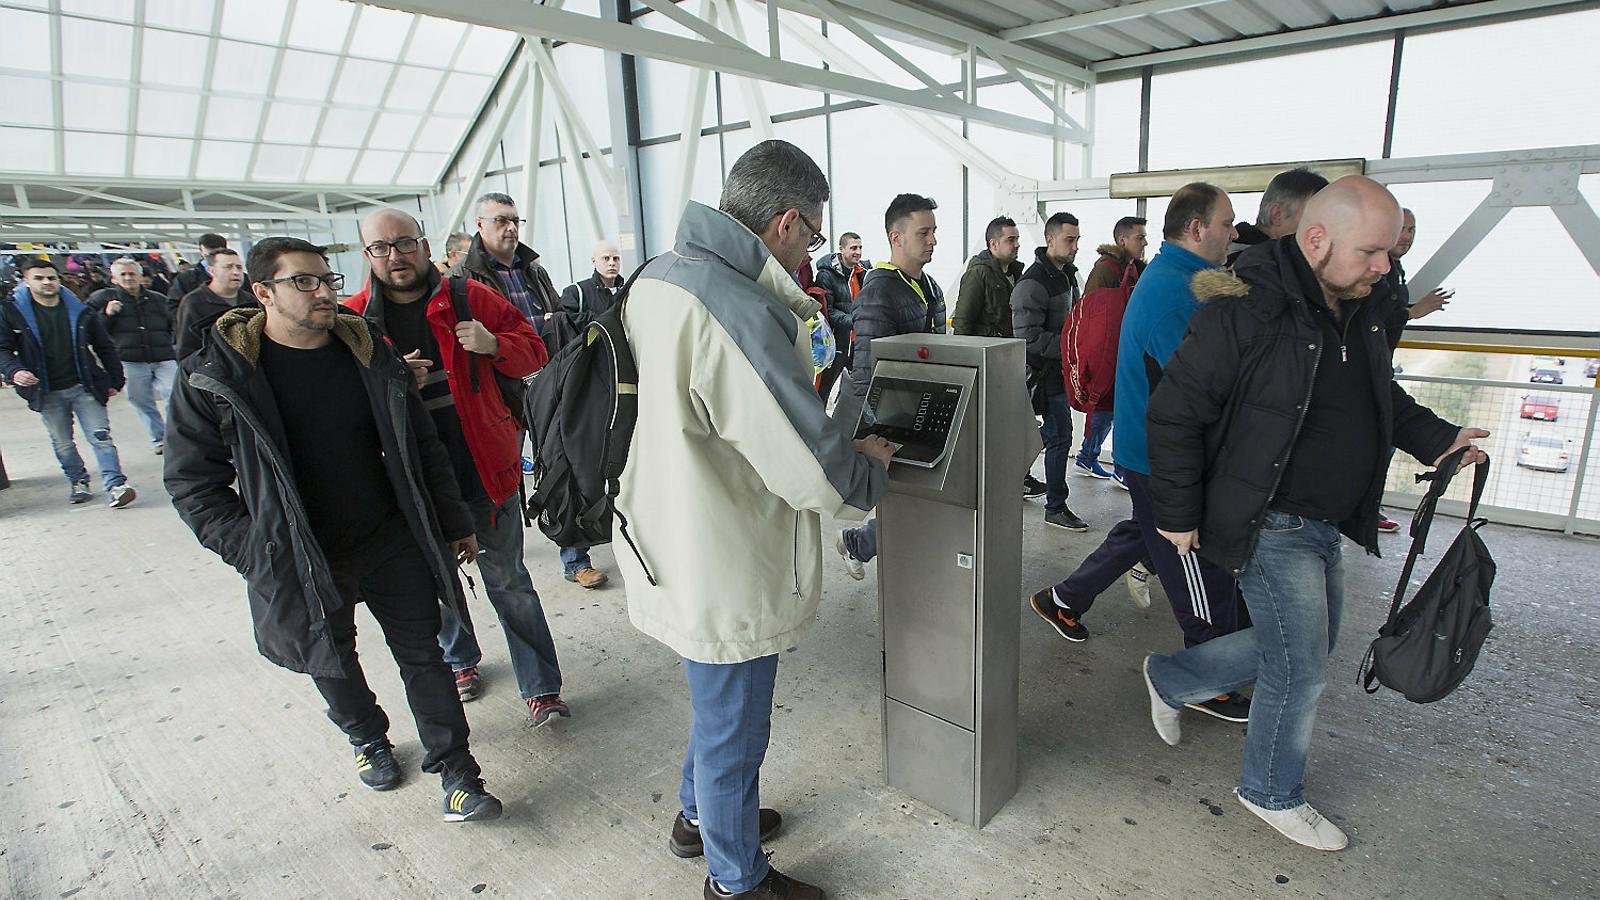 Treballadors de Seat fitxant a l'entrada de la feina. Als entorns industrials el registre de la jornada és més senzill.